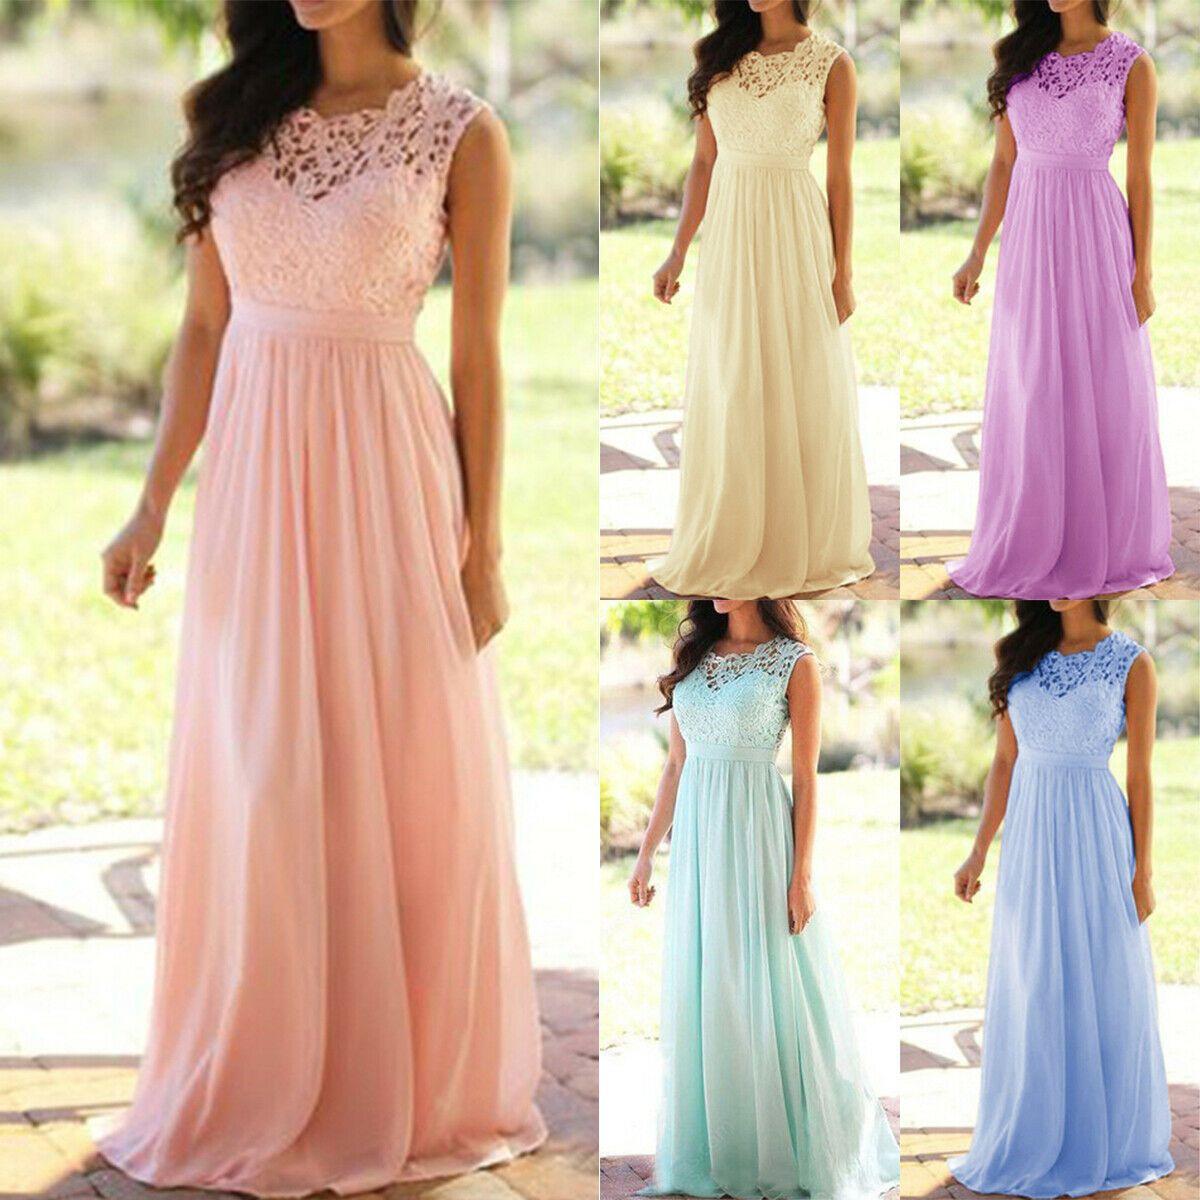 13 Genial Lange Kleider Für Hochzeitsgäste Design20 Genial Lange Kleider Für Hochzeitsgäste für 2019